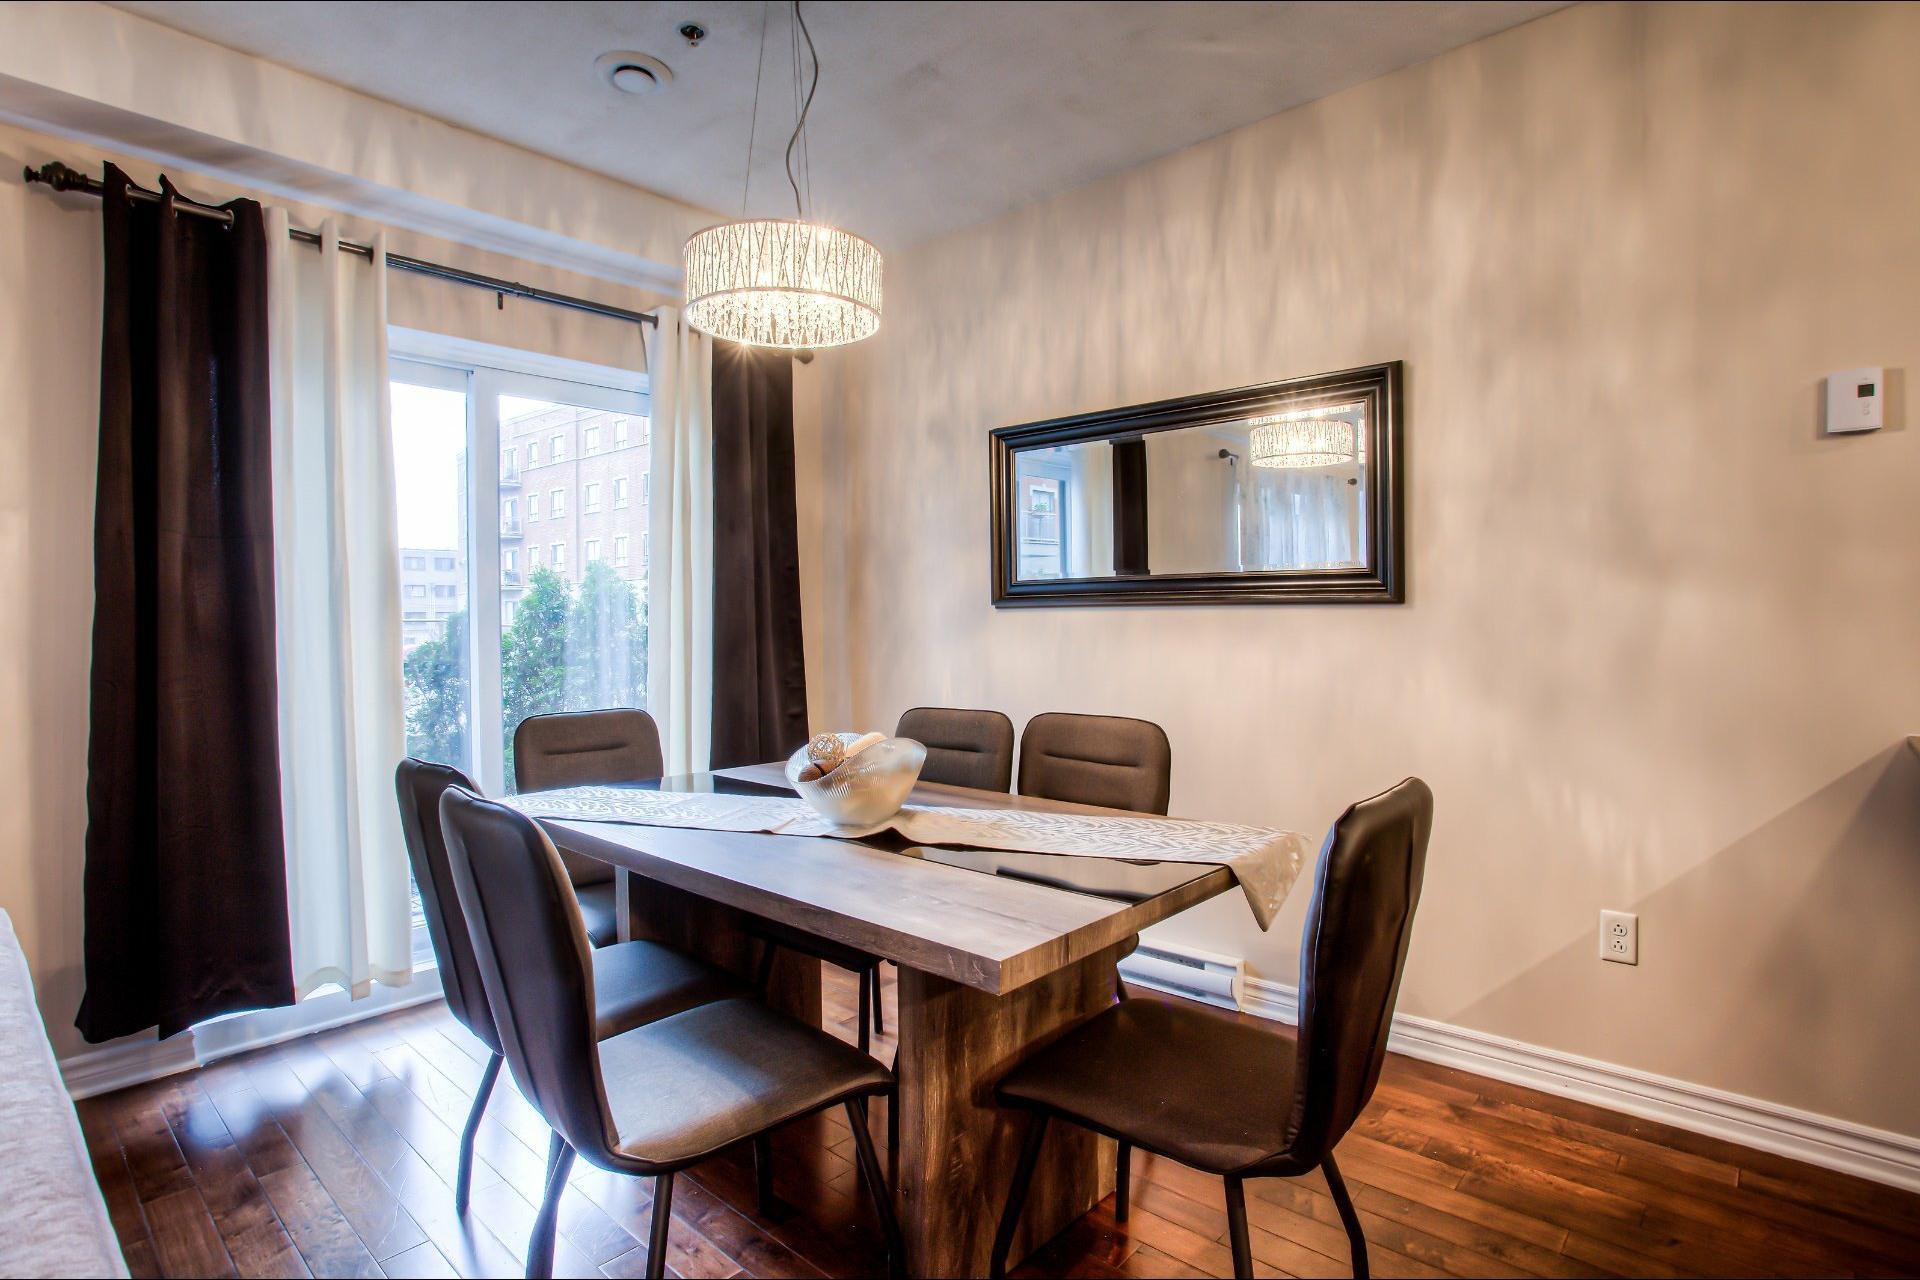 image 6 - Apartment For sale Saint-Laurent Montréal  - 9 rooms